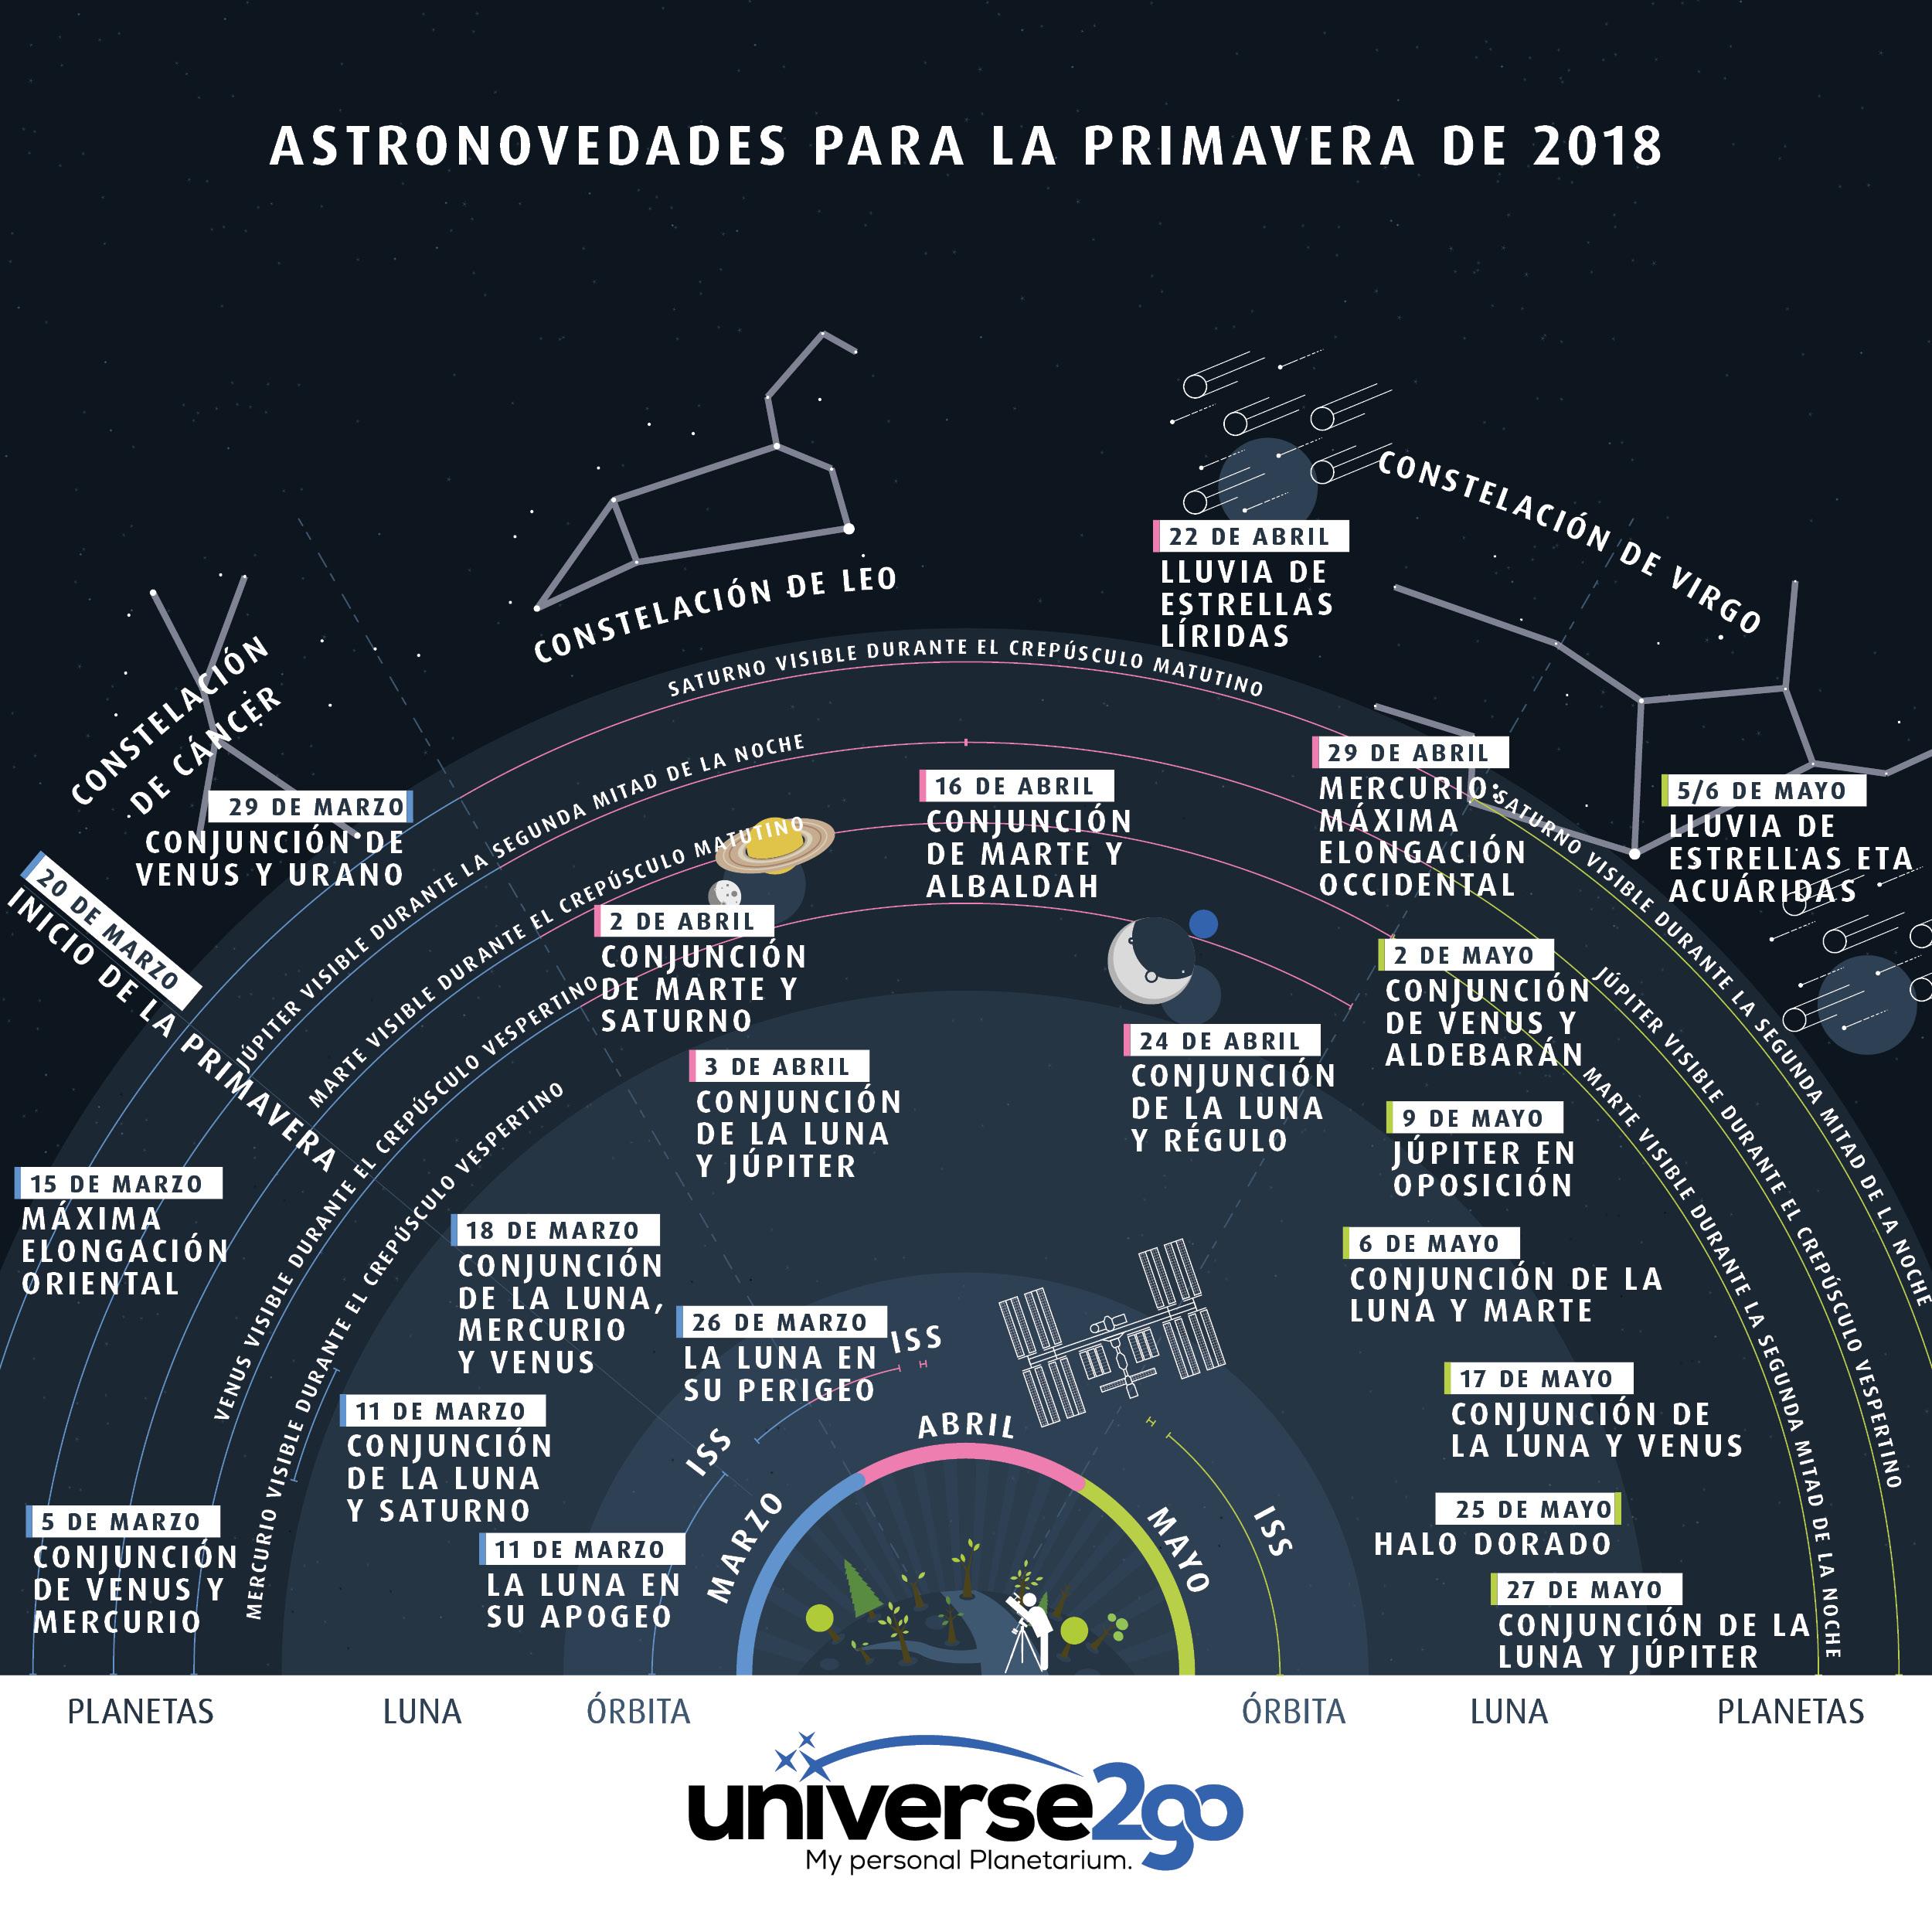 Astronovedades para la primavera de 2018